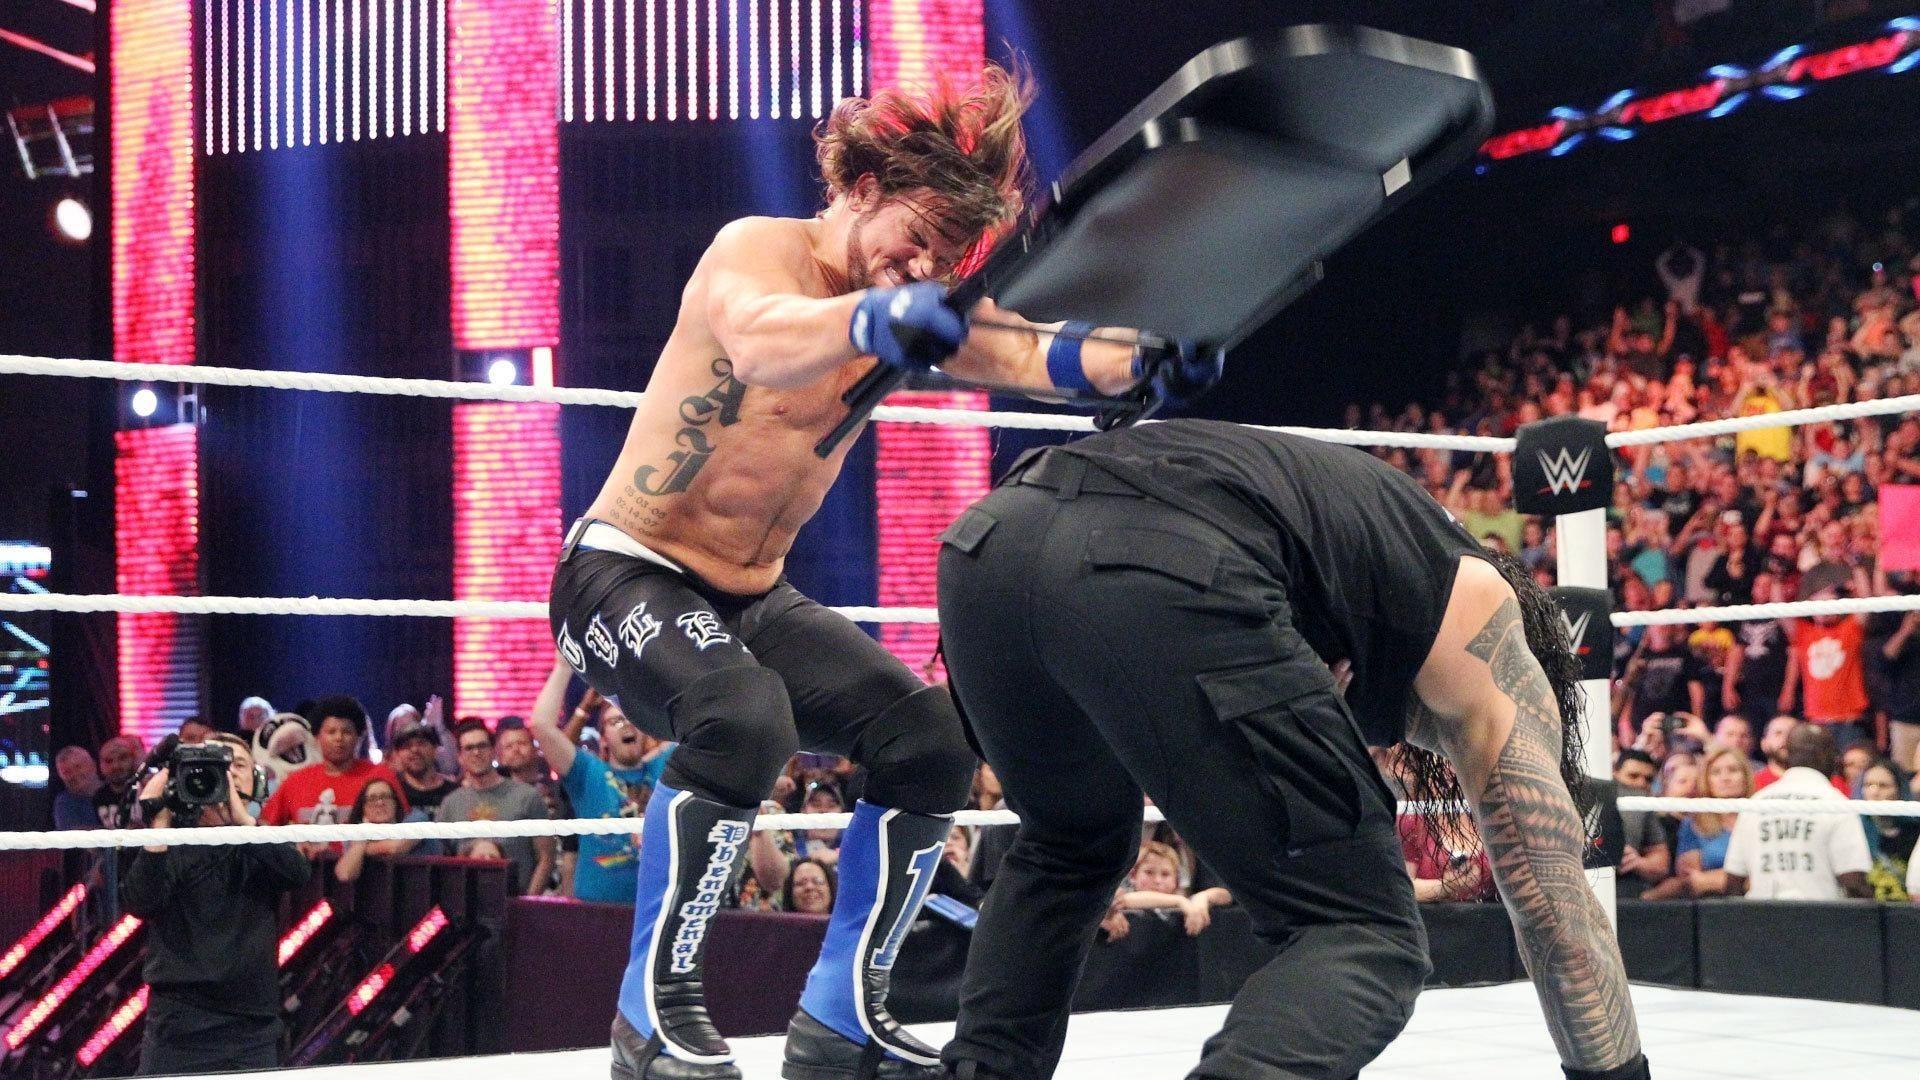 WWE Raw Season 24 :Episode 20  May 16, 2016 (Greensboro, NC)